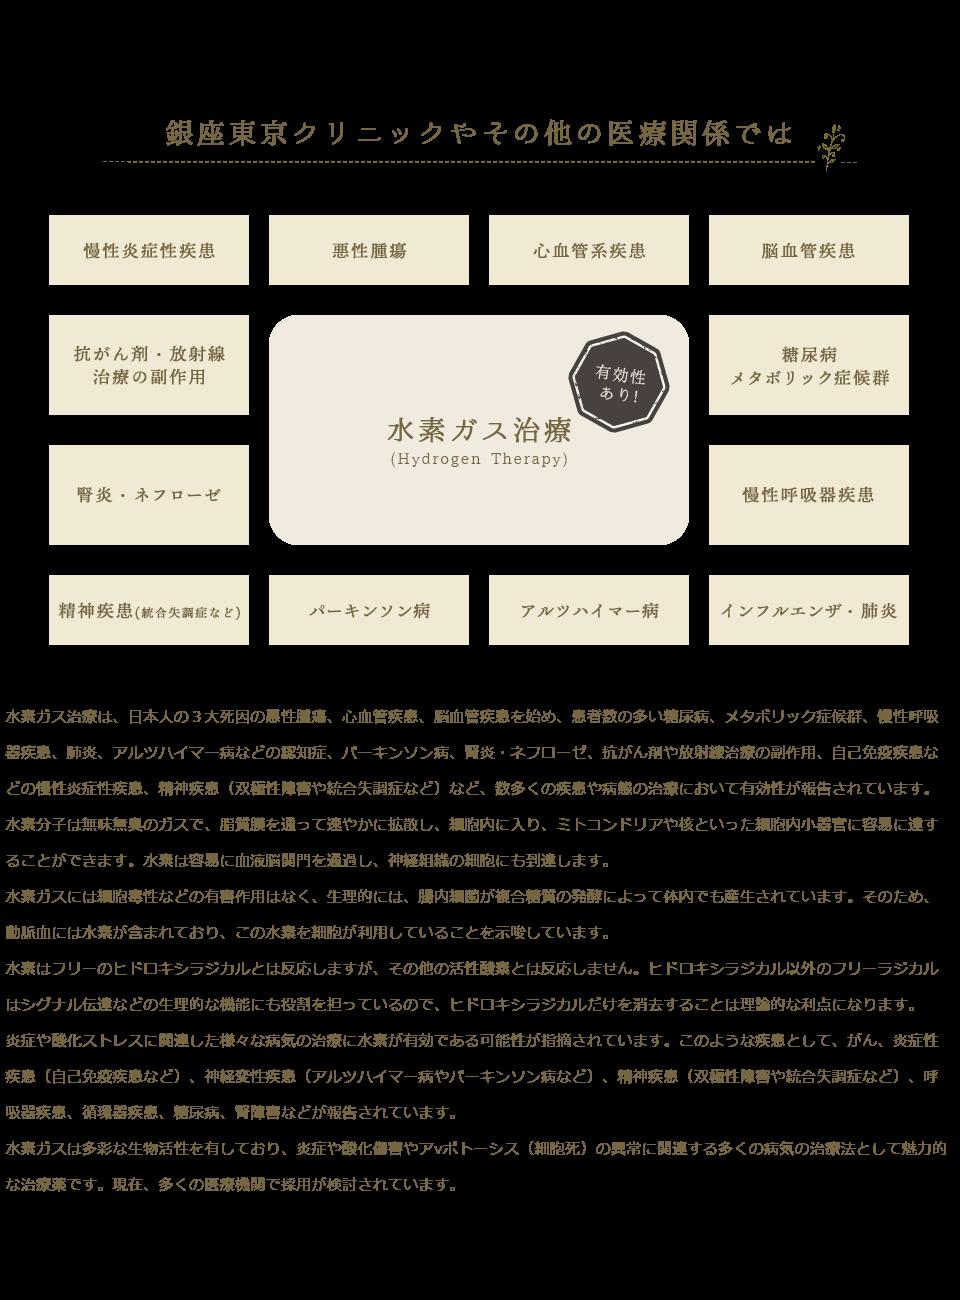 銀座東京クリニックやその他の医療関係では